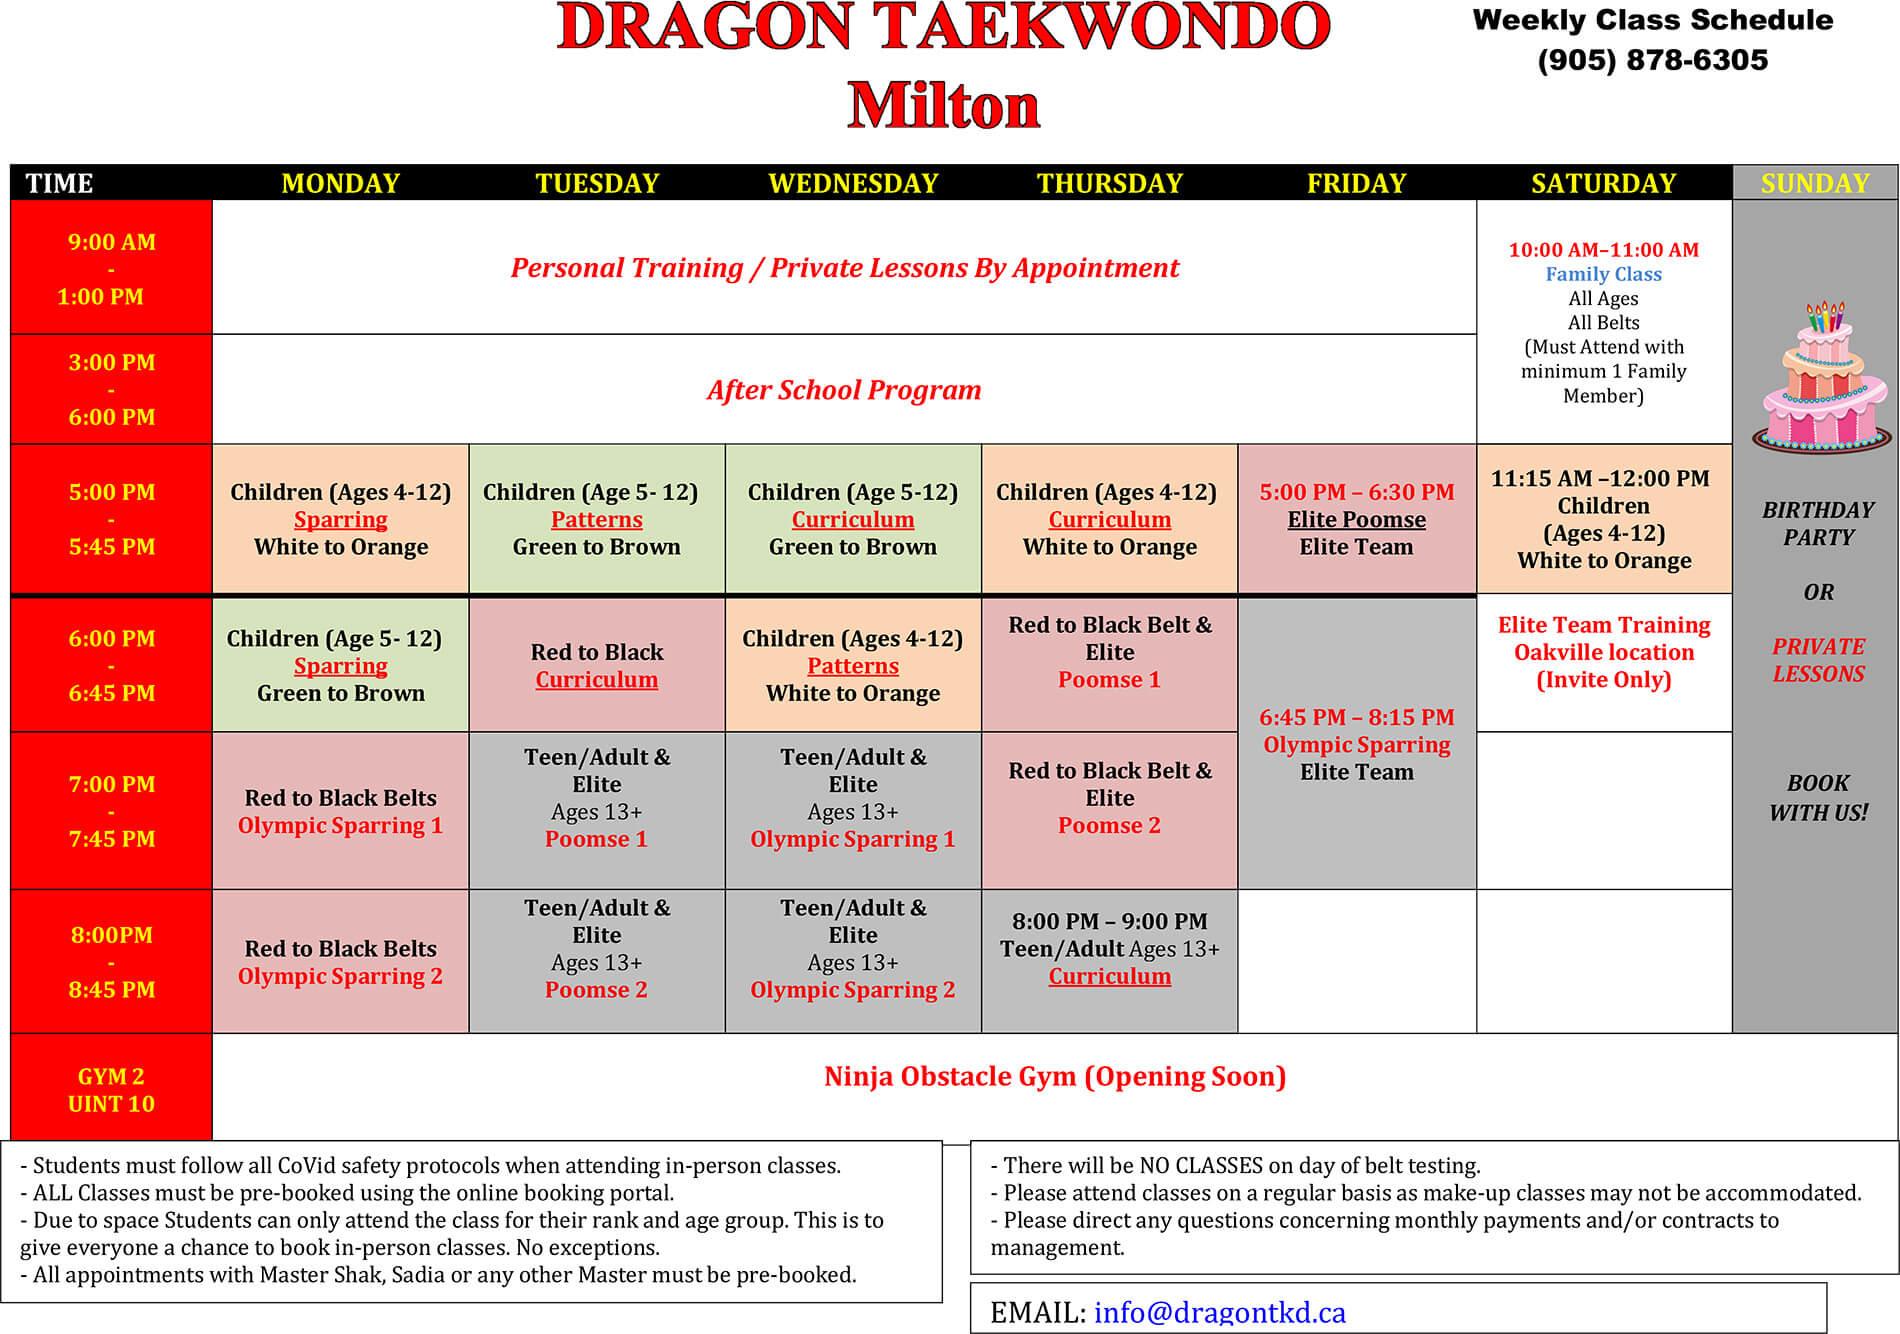 Dragon Taekwondo New Schedule